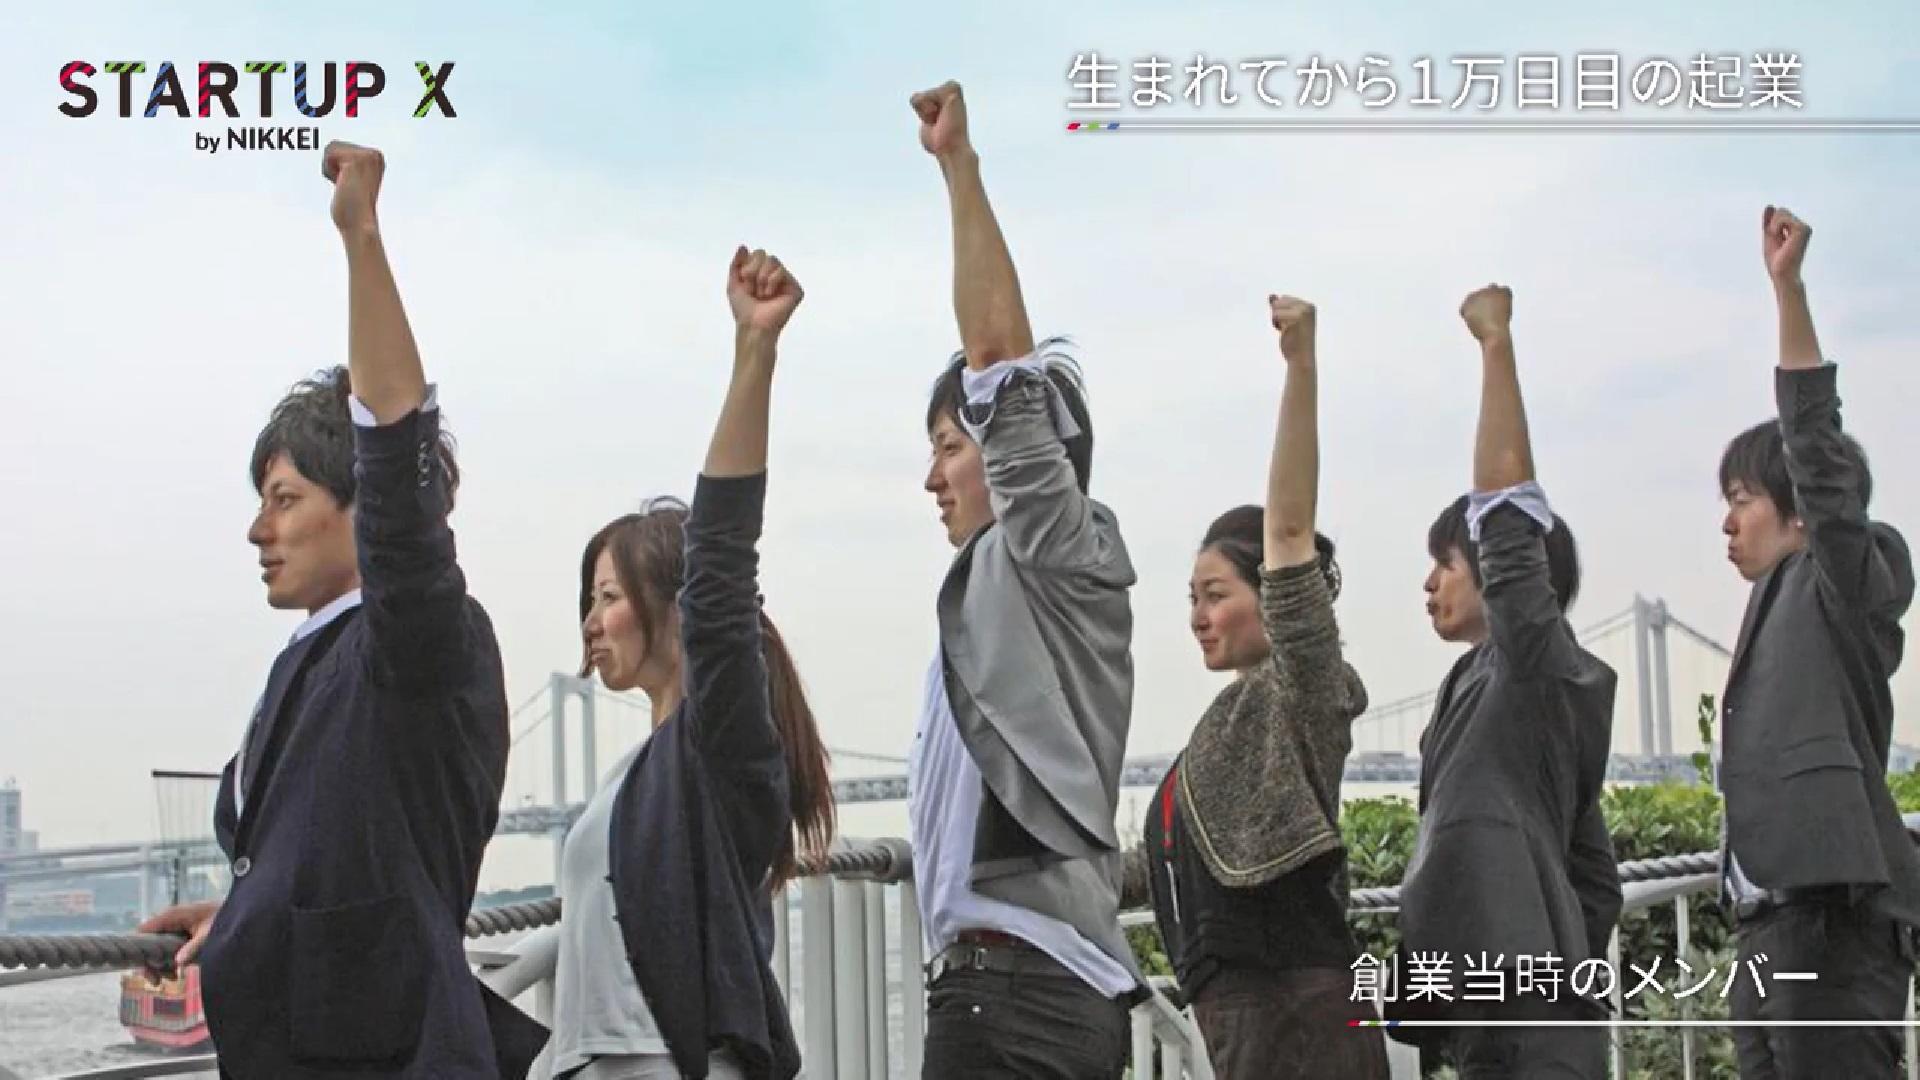 20181228_nikkeistartup_10.jpg